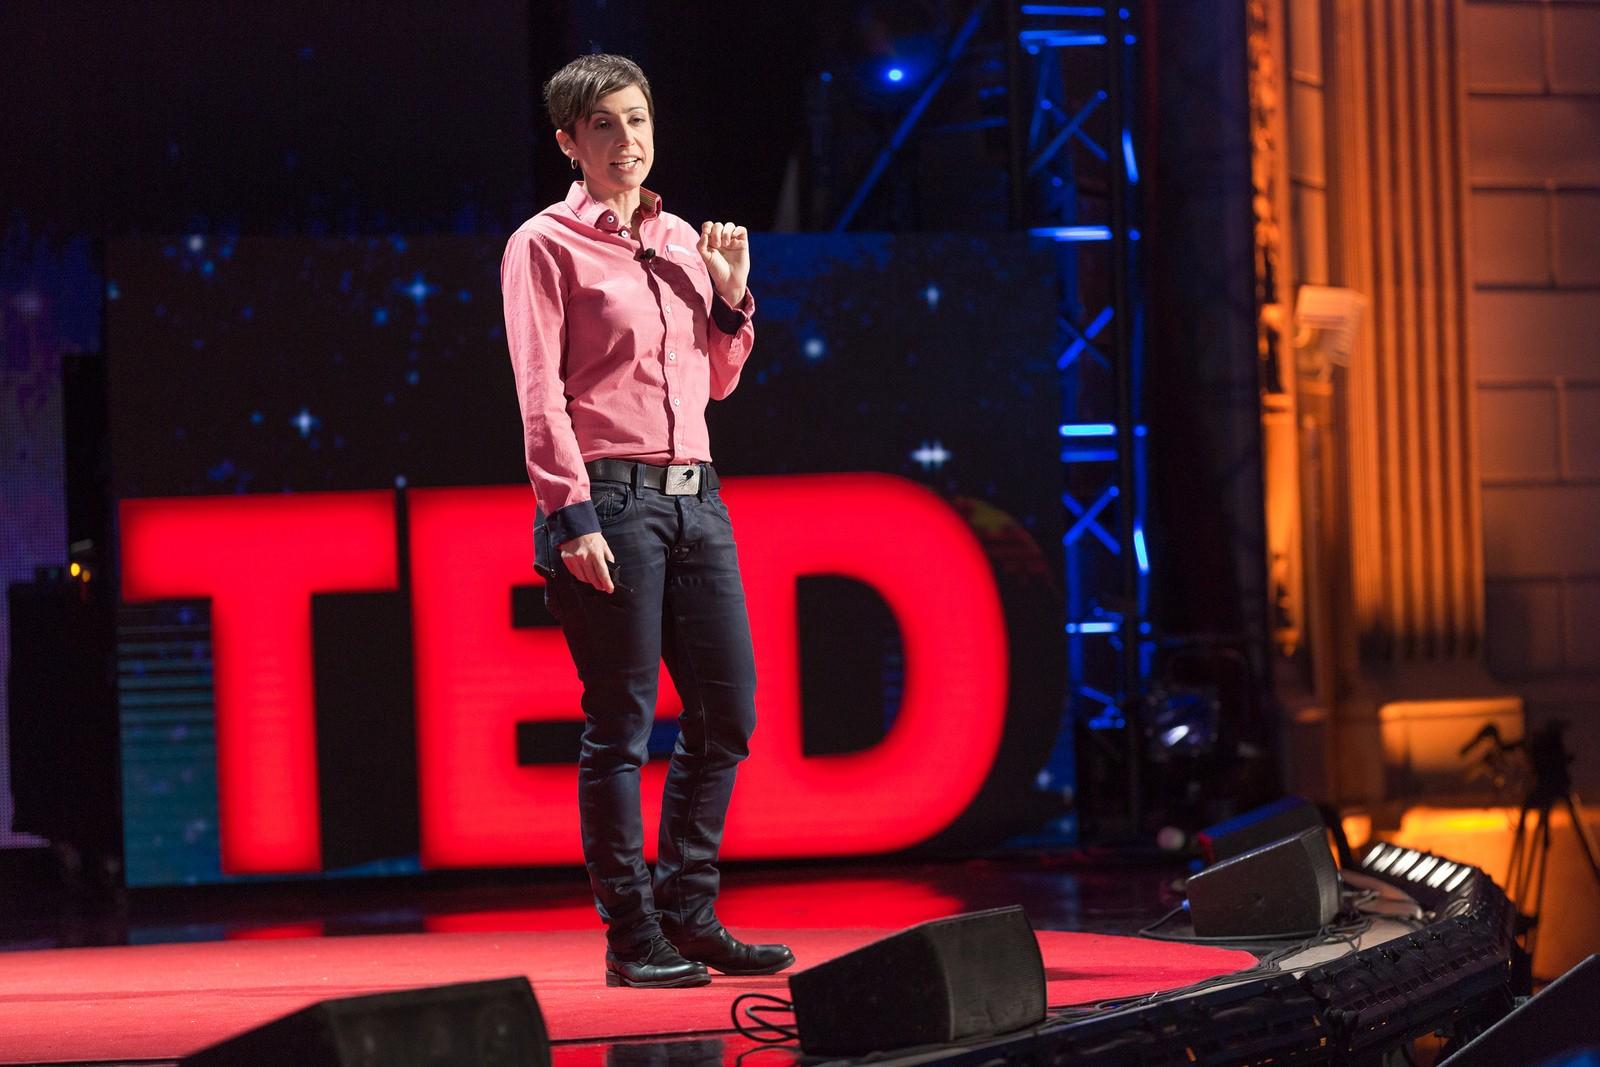 Danielle Feinberg fala sobre a ciência por trás dos filmes da Pixar (Foto: Flickr/TED Conference)